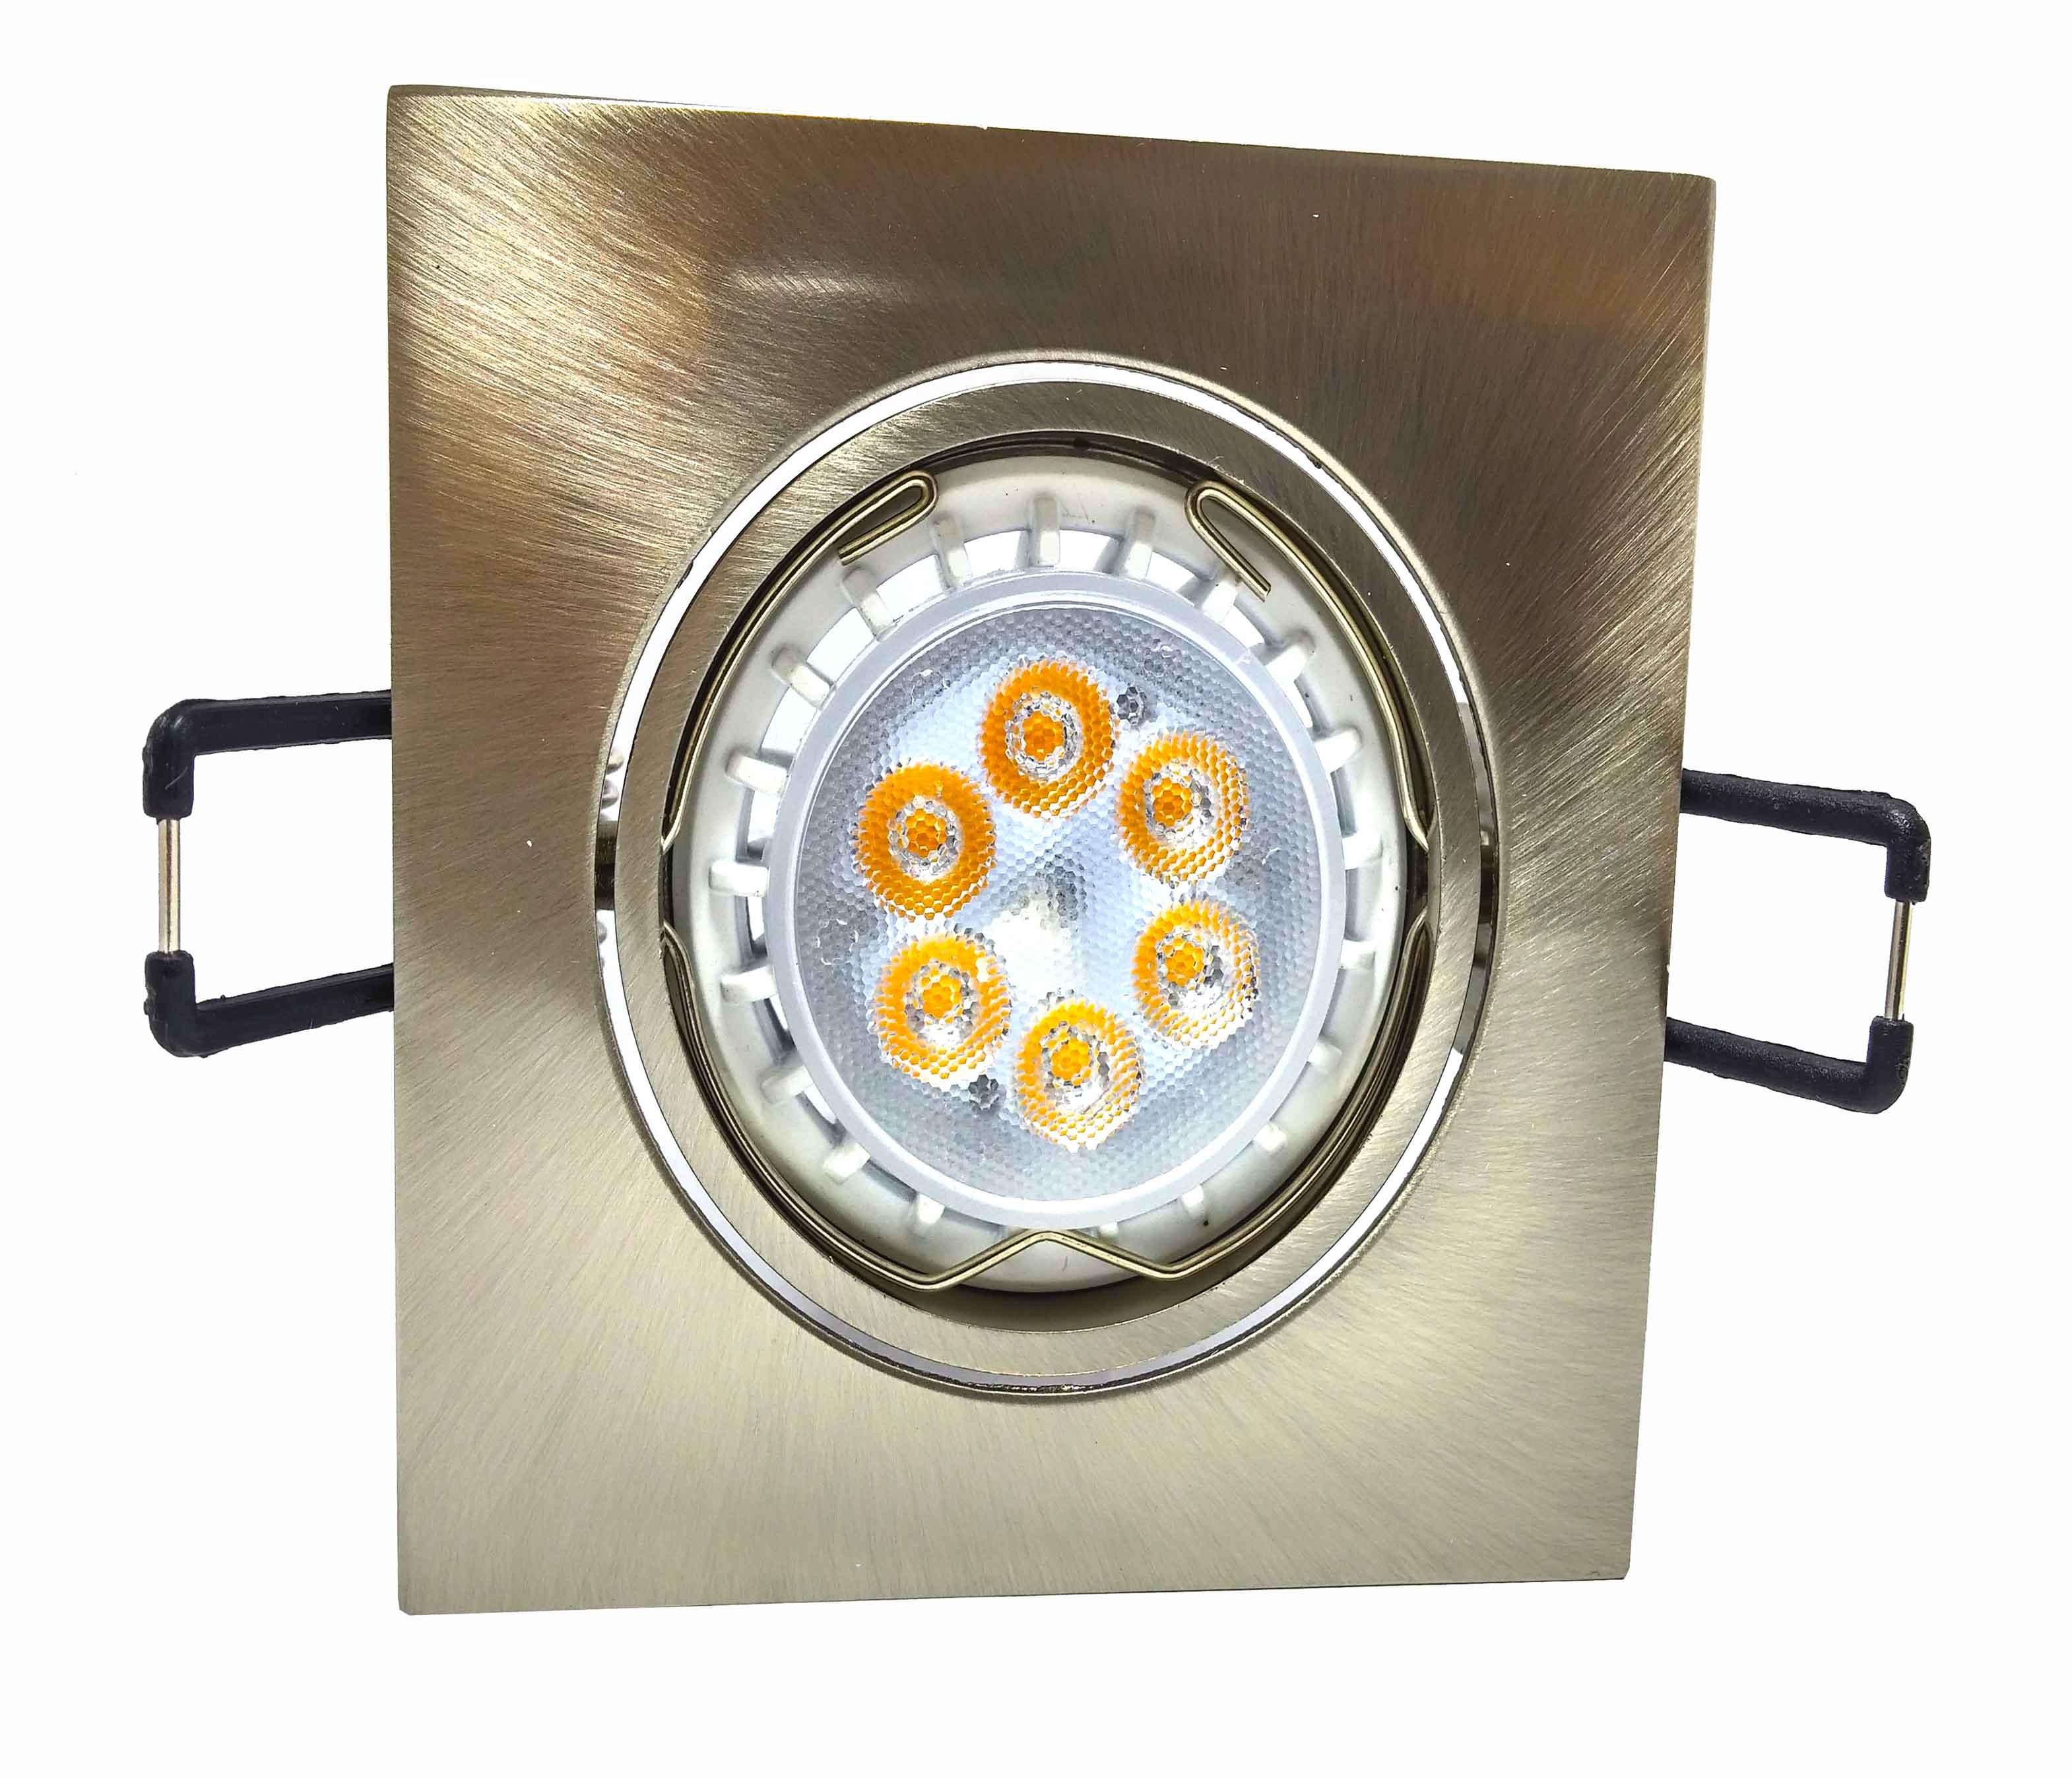 Conjunto Spot de Alumínio Zamac Basculante com Soquete GU10 Quadrado - Níquel + Lâmpada 8W GU10 6 Power LEDs Linha Exclusiva - BIVOLT